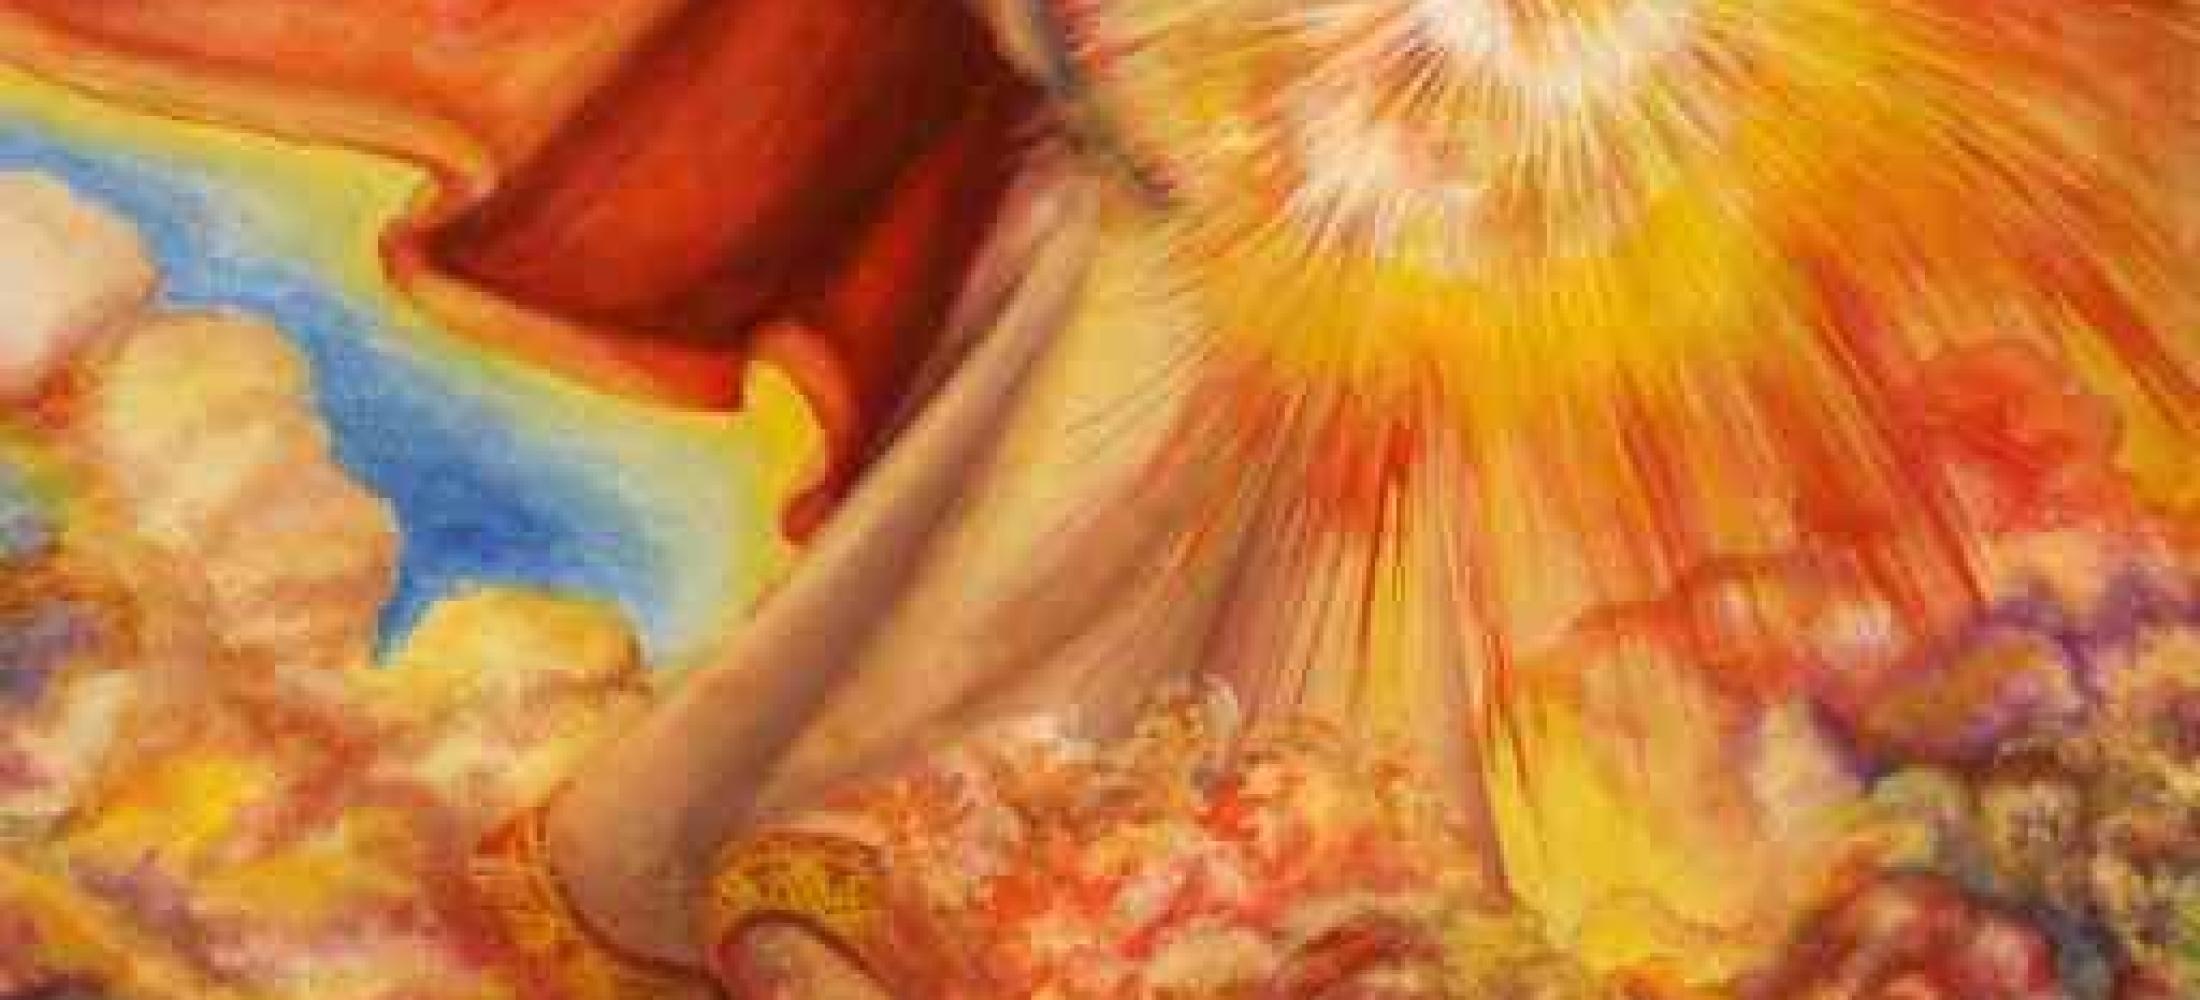 Митра, бог Митра, энергетический канал Митра (посвящение, инициация)